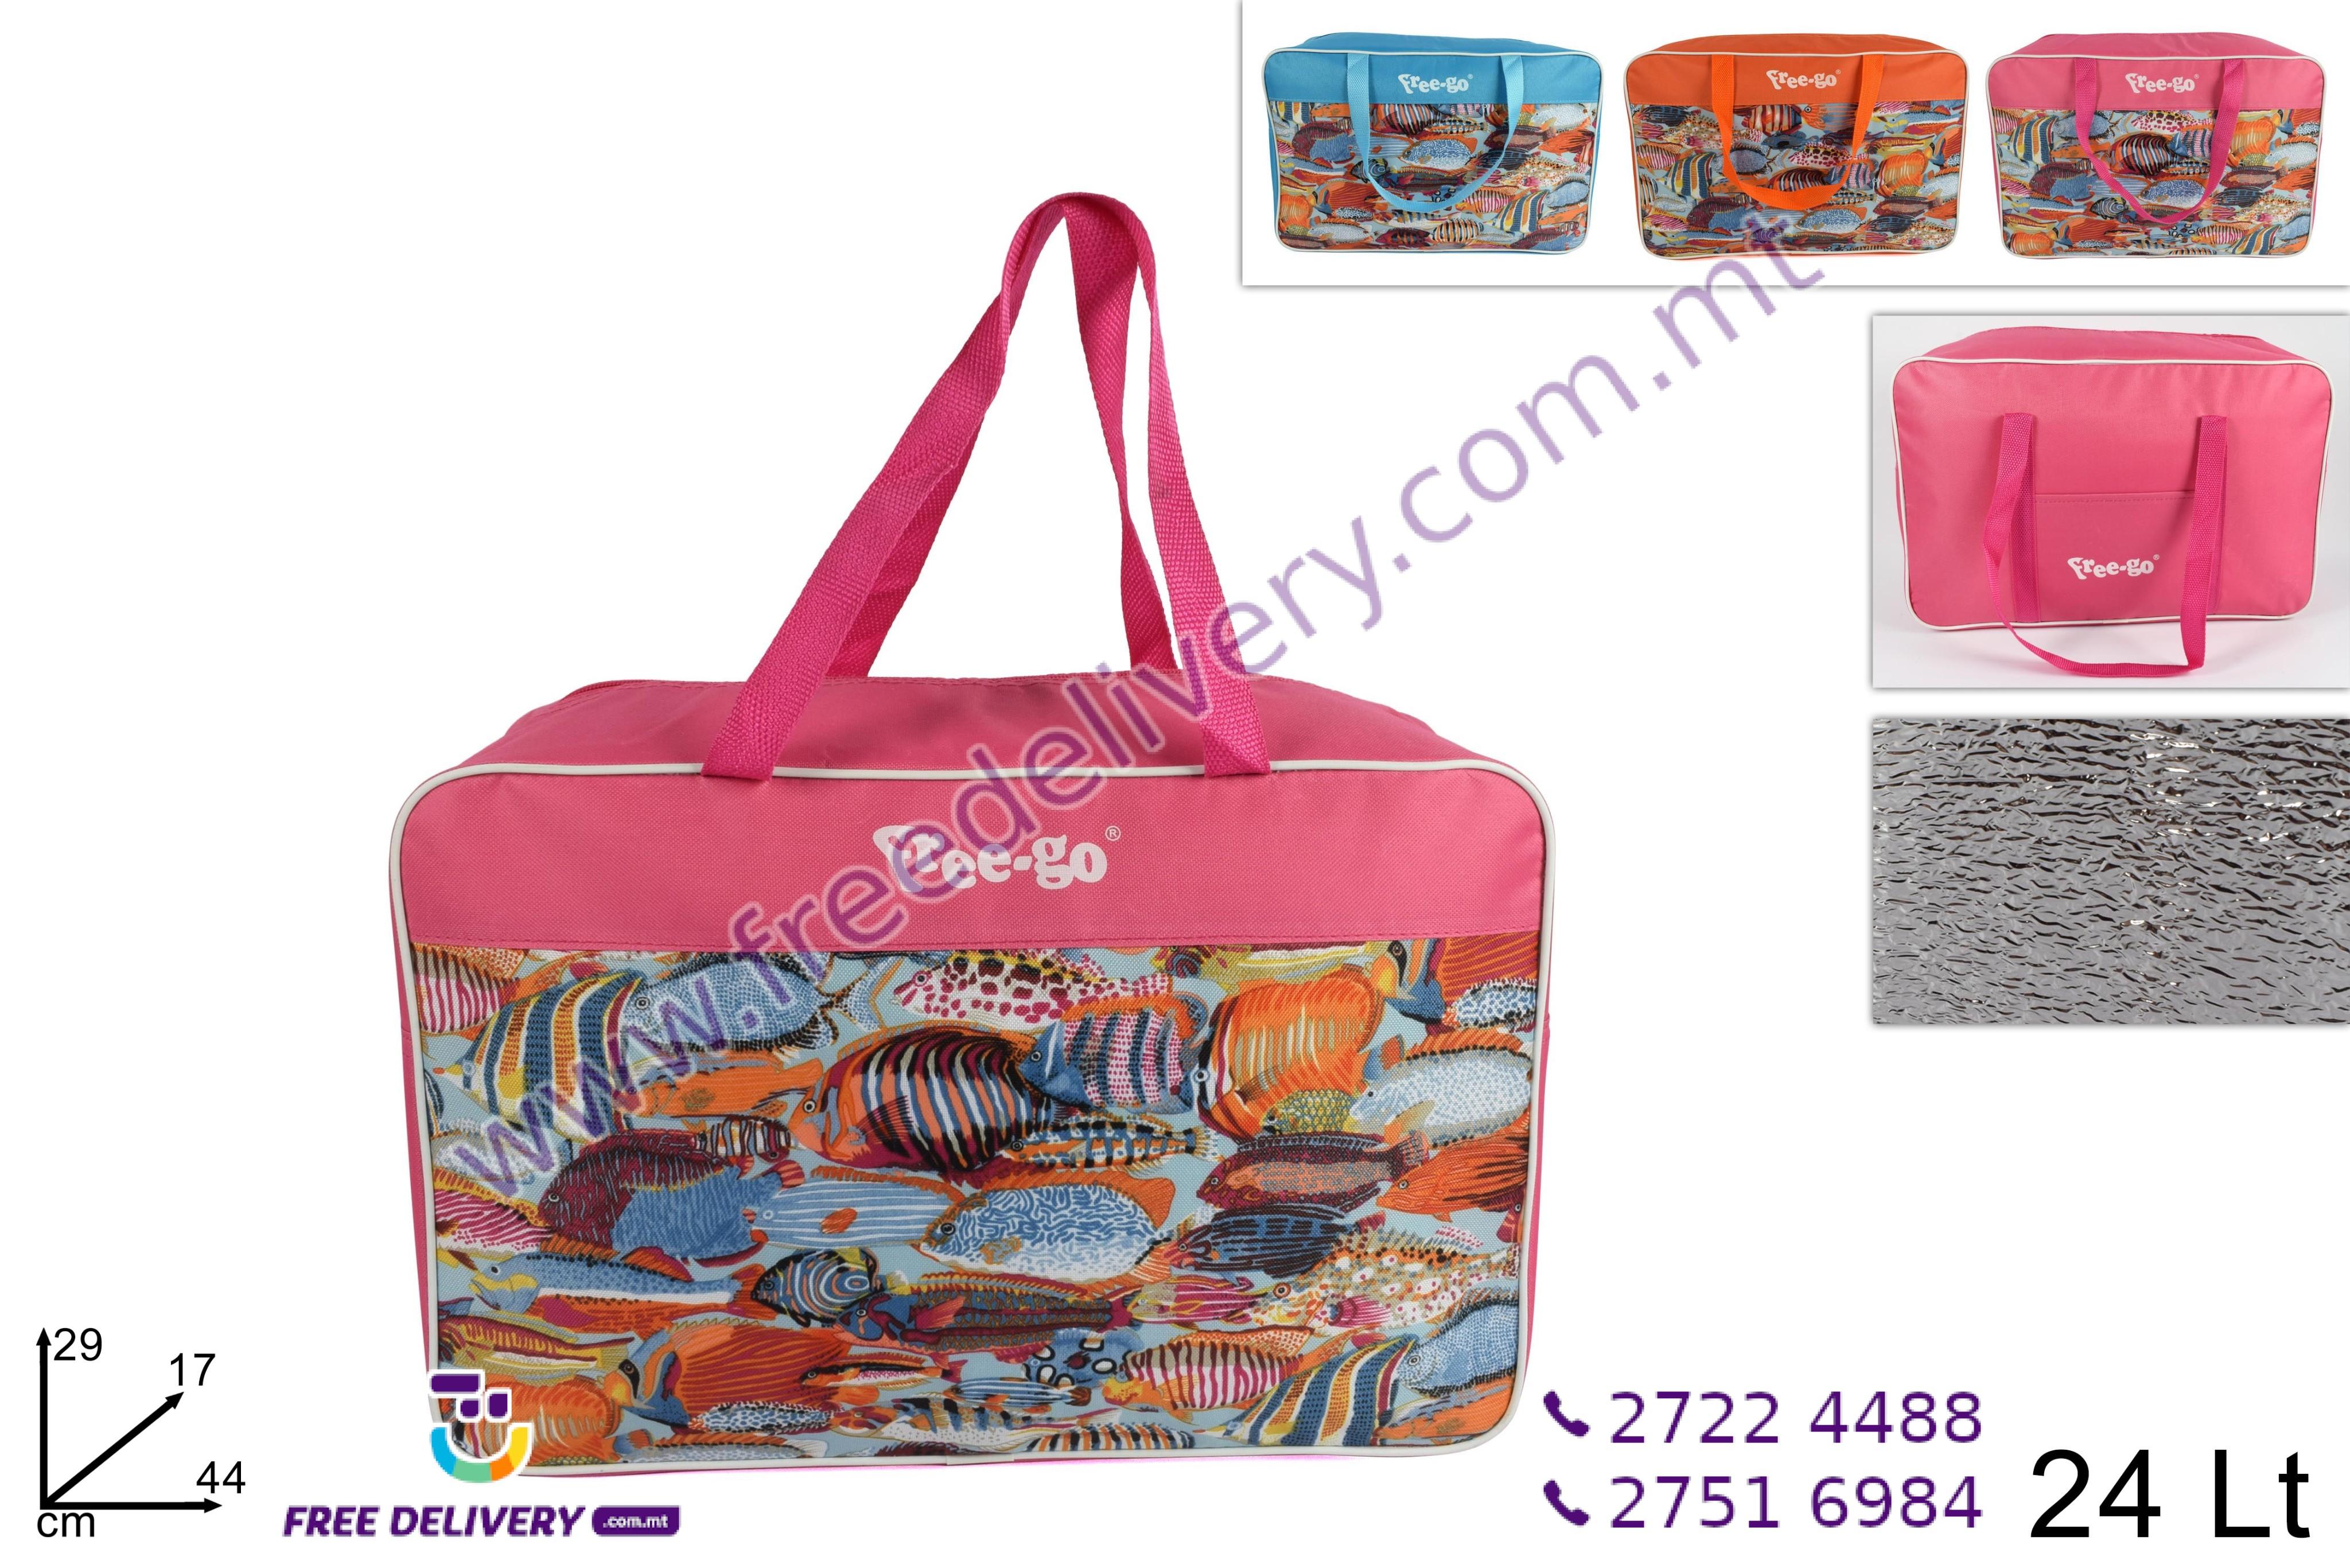 24L COOLER BAG FISH DESIGN – DE540572